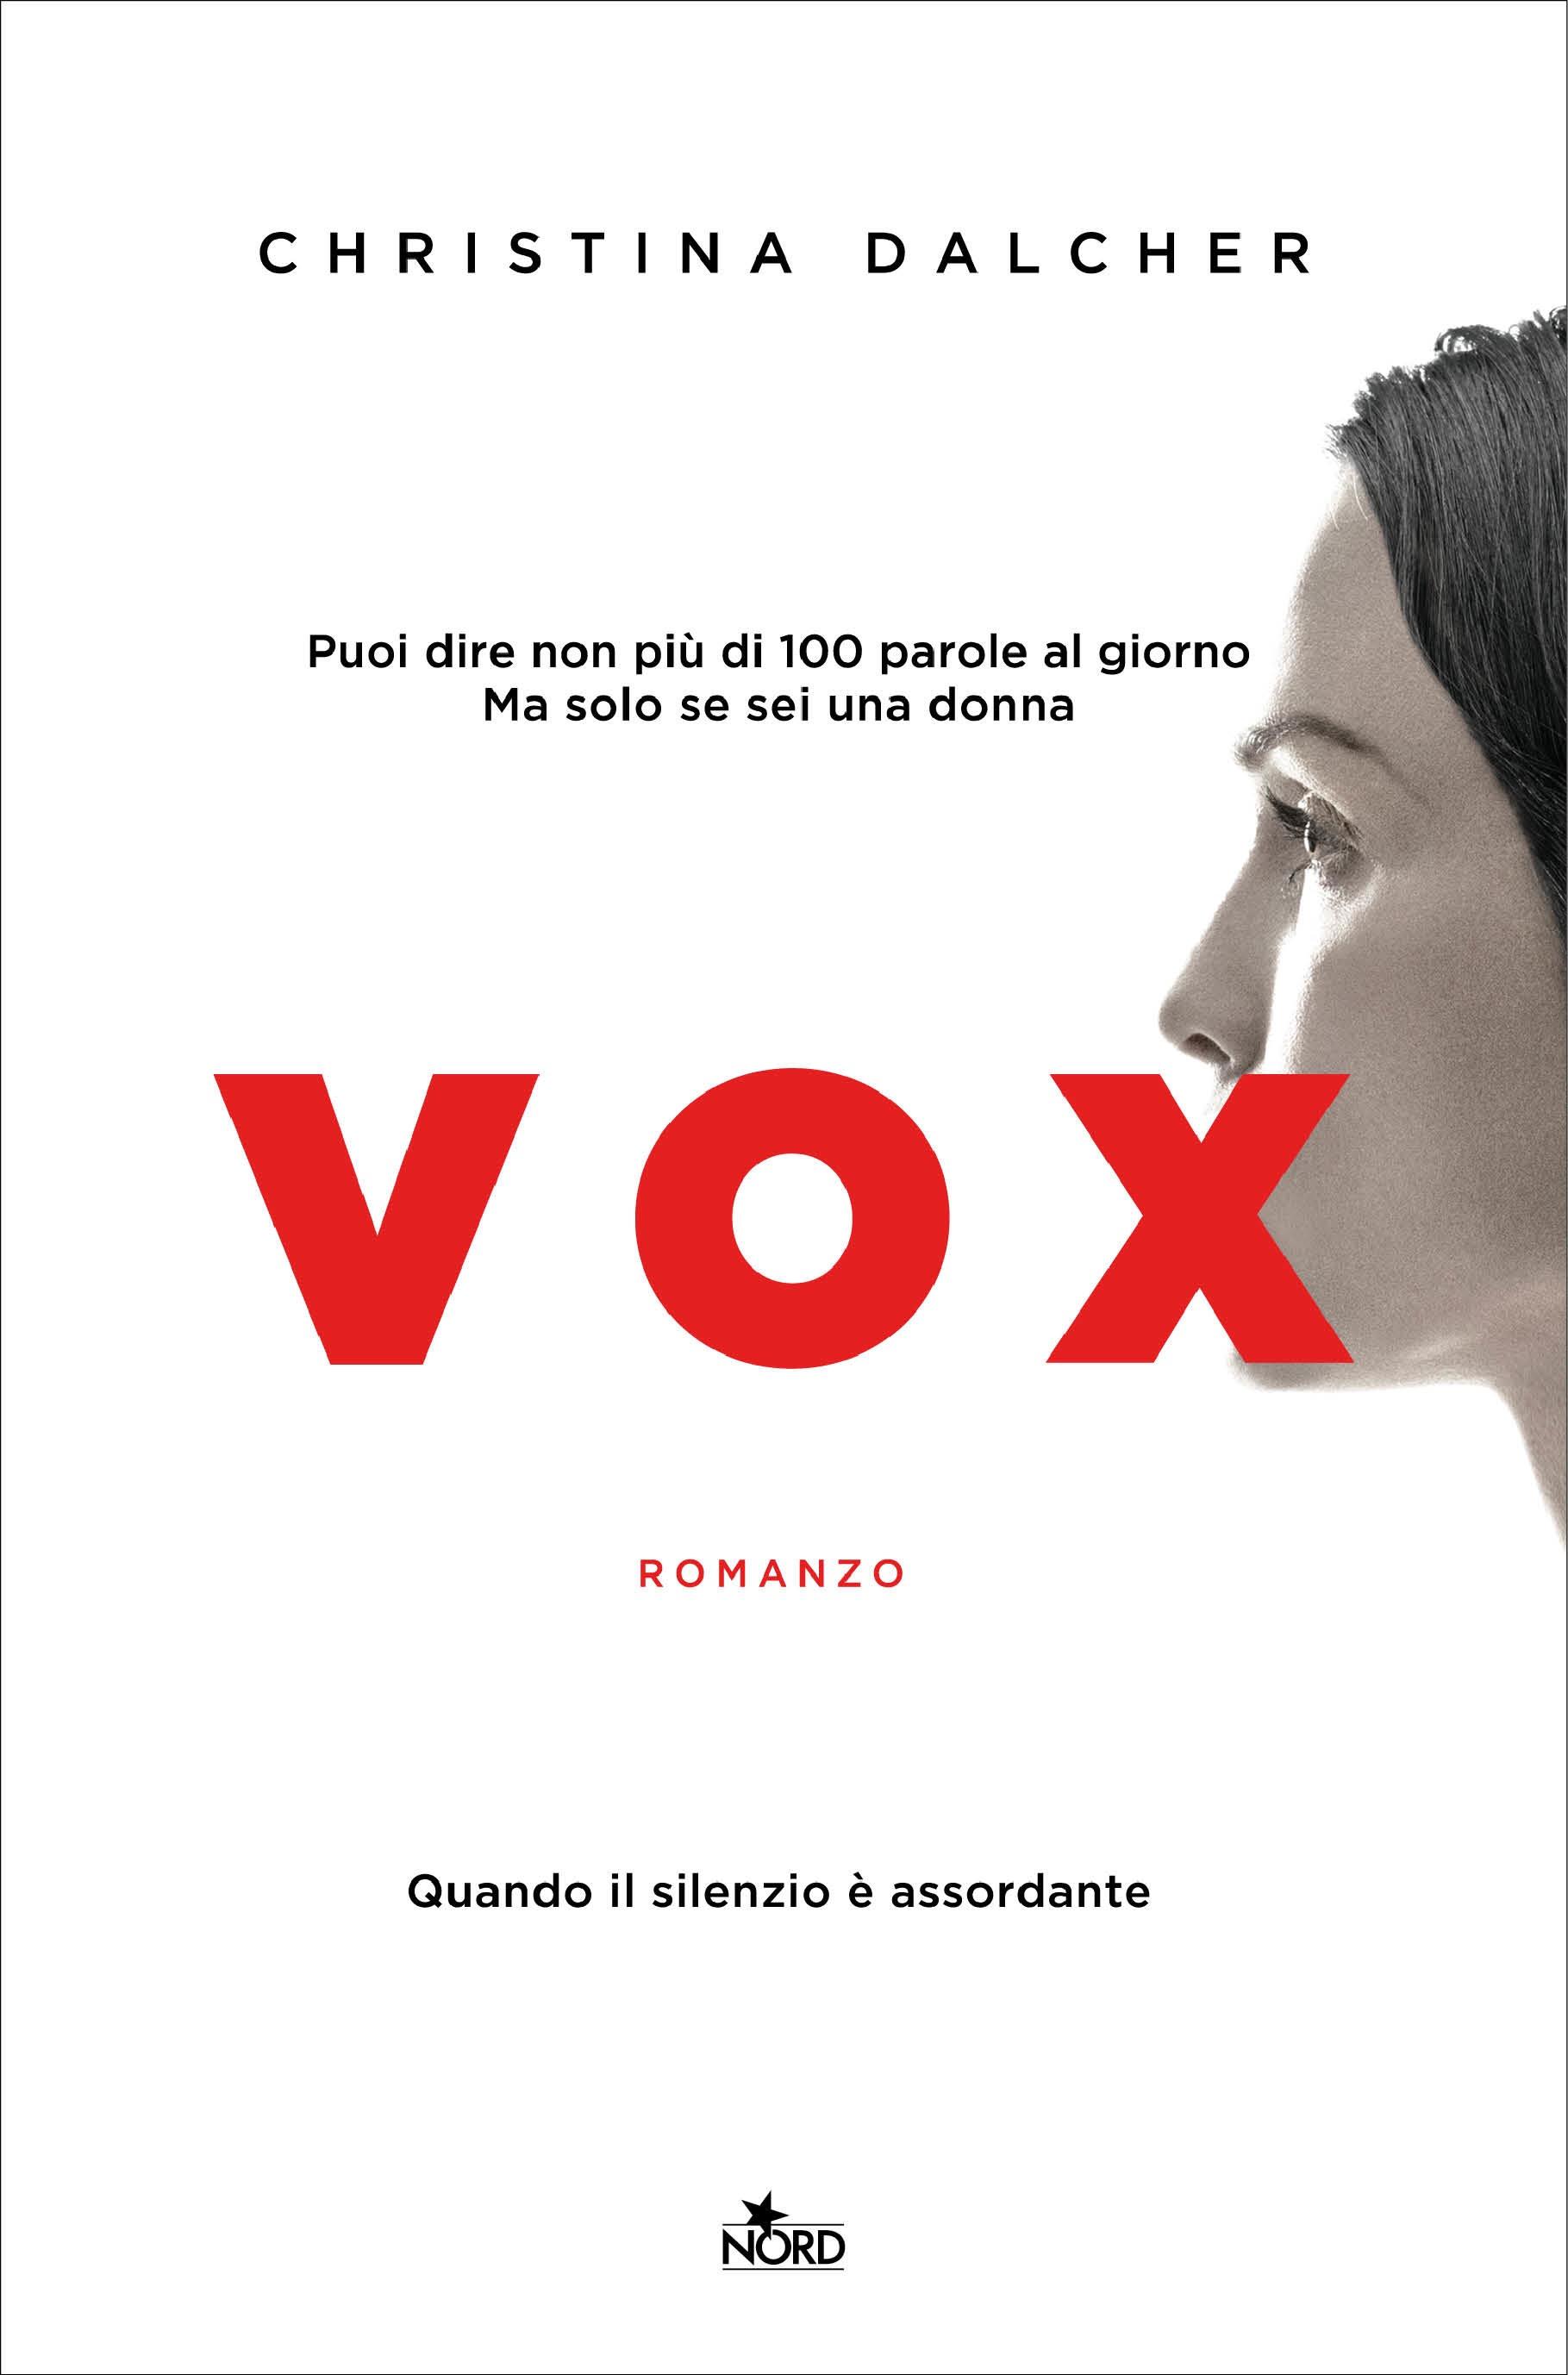 VOX di Christina Dalcher, traduzione di Barbara Ronca, Editrice Nord